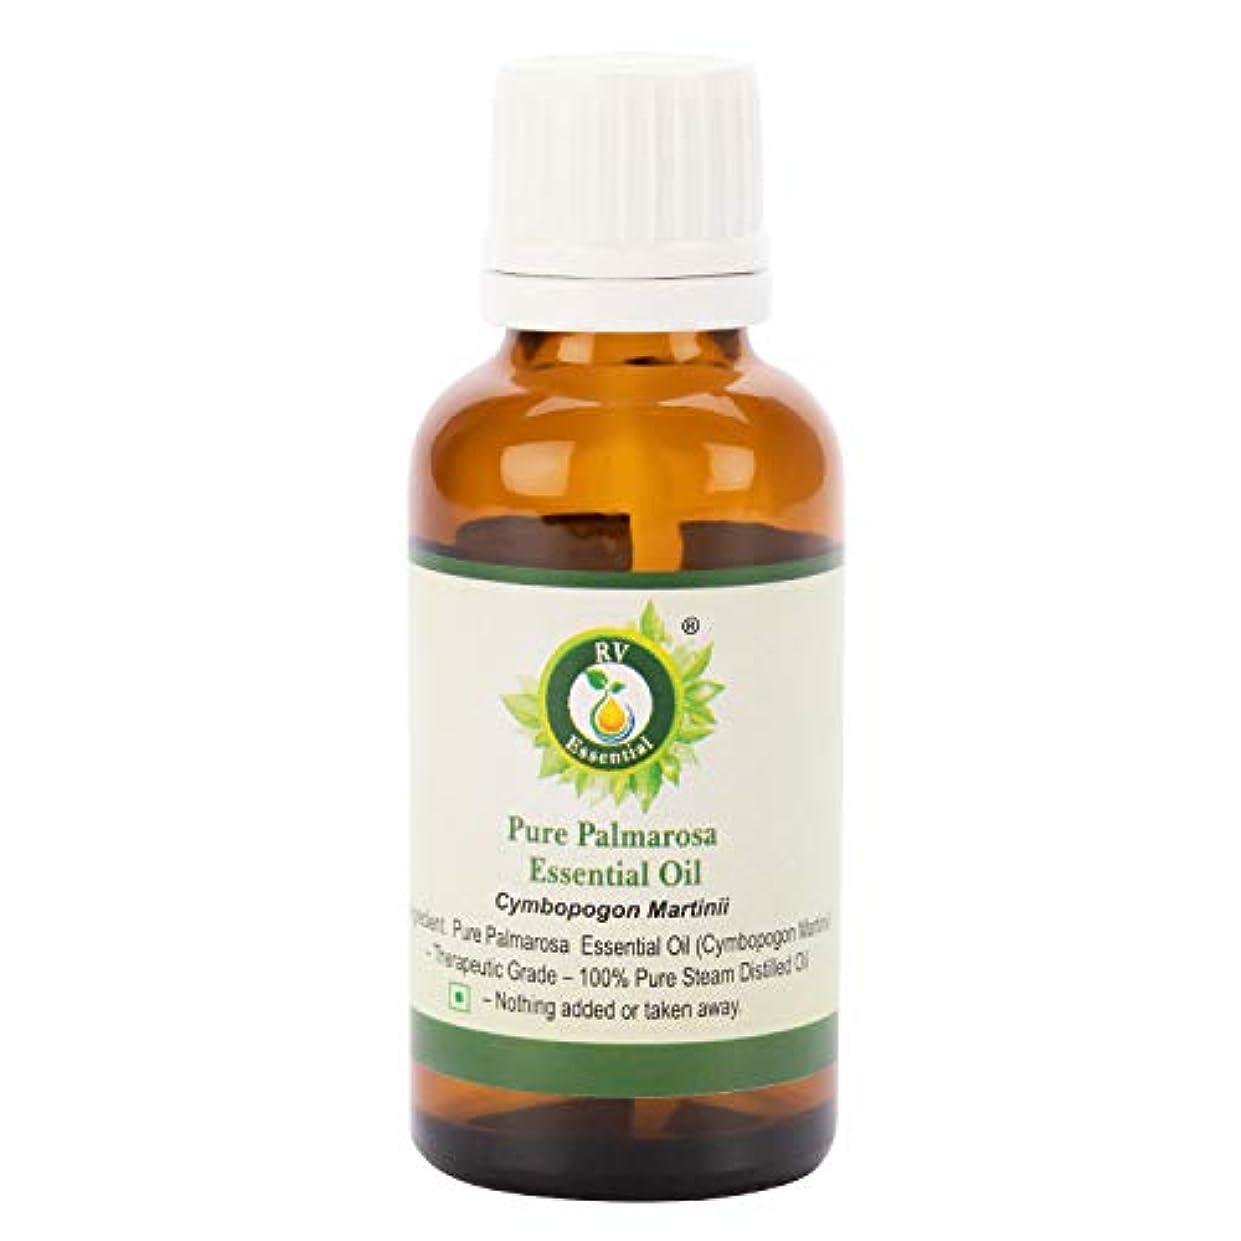 病的株式会社目に見えるピュアパルマローザエッセンシャルオイル5ml (0.169oz)- Cymbopogon Martinii (100%純粋&天然スチームDistilled) Pure Palmarosa Essential Oil